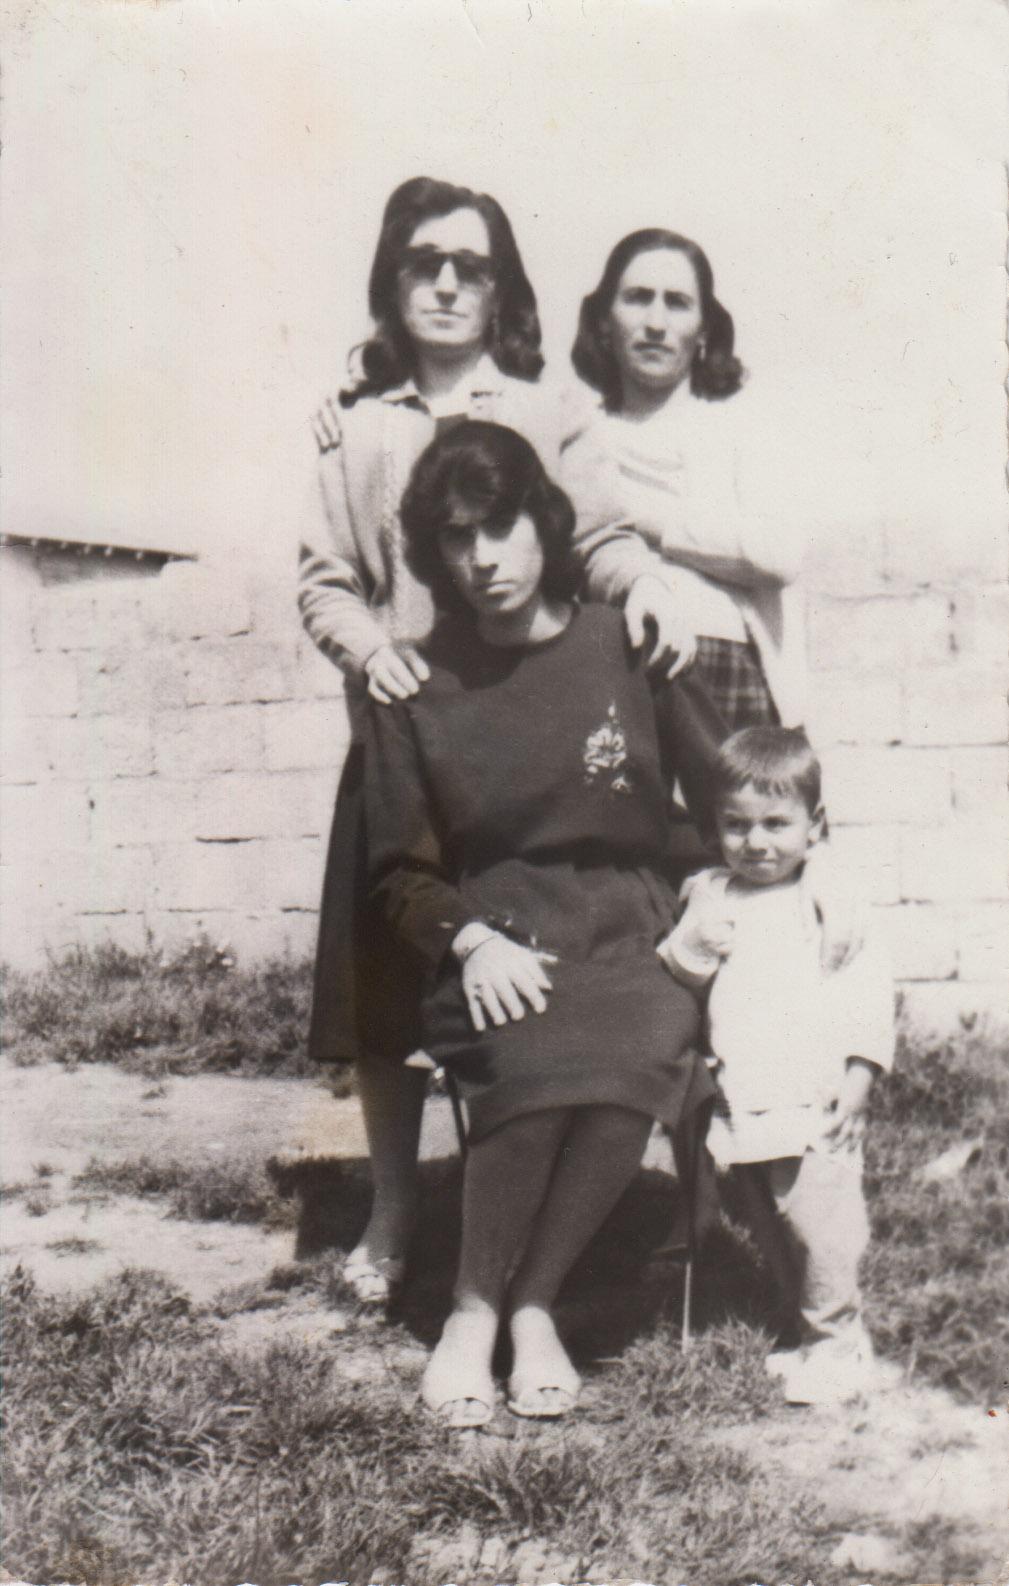 Moje matka Zilhan ( s brýlemi) se svými kamarádkami (1968) - Dayika mine rehmeti Zilhan ( bi berçavk) bi hevalan xwe re